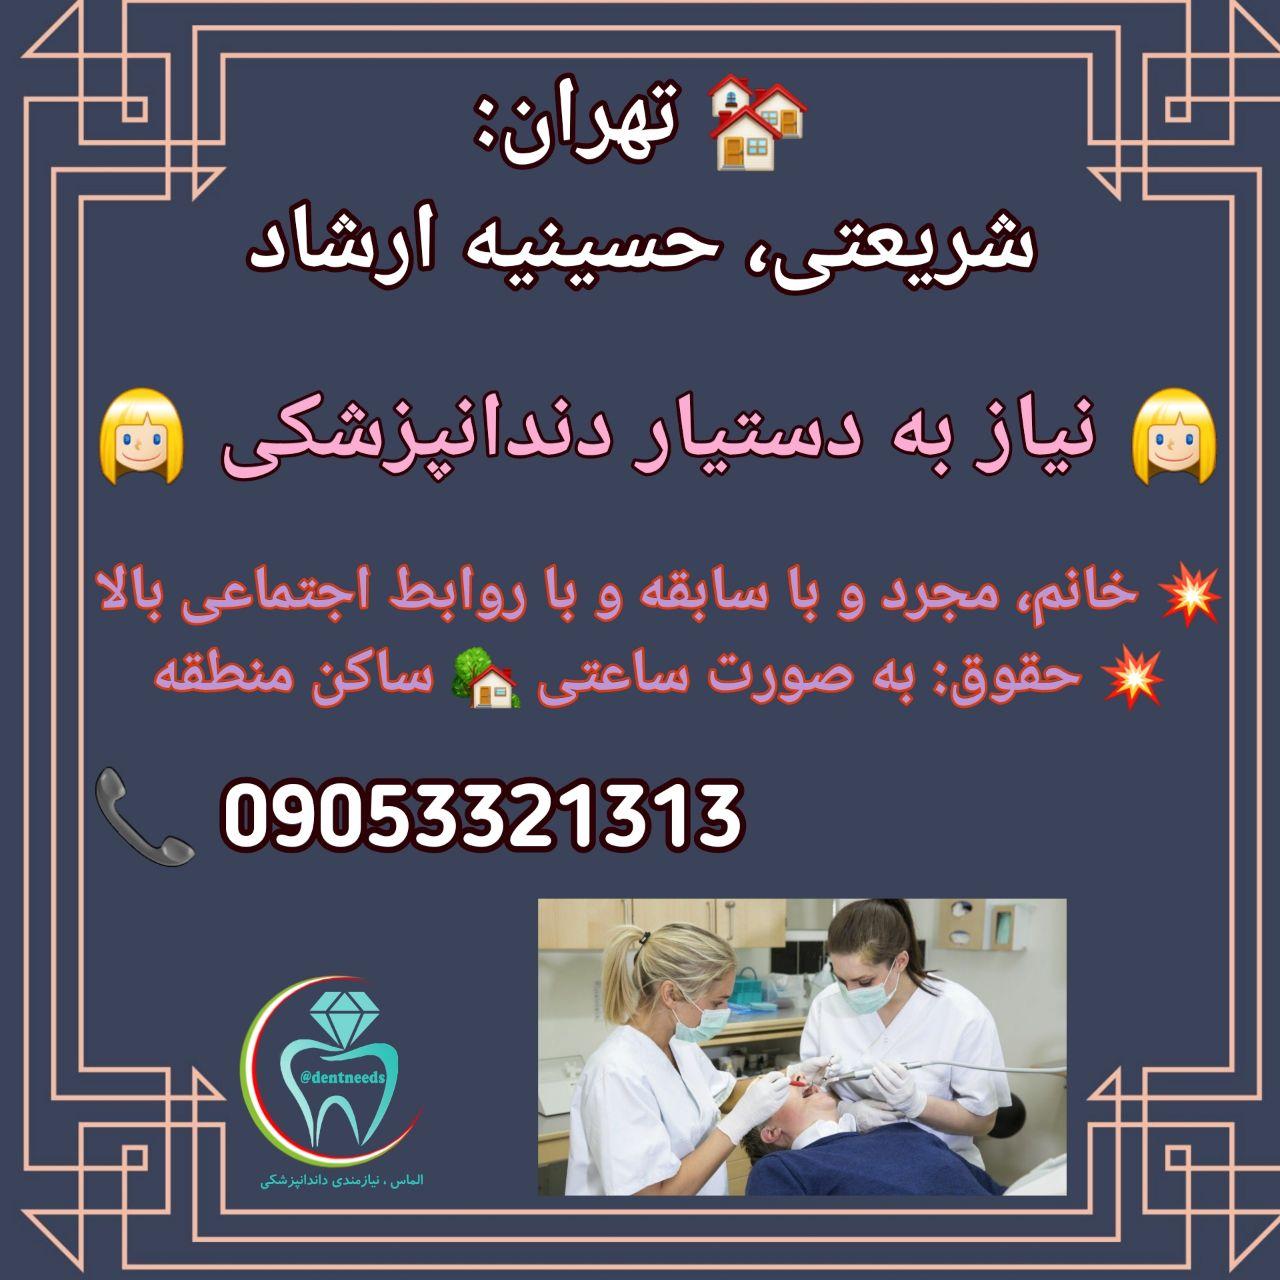 تهران: شریعتی، حسینیه ارشاد، نیاز به دستیار دندانپزشکی